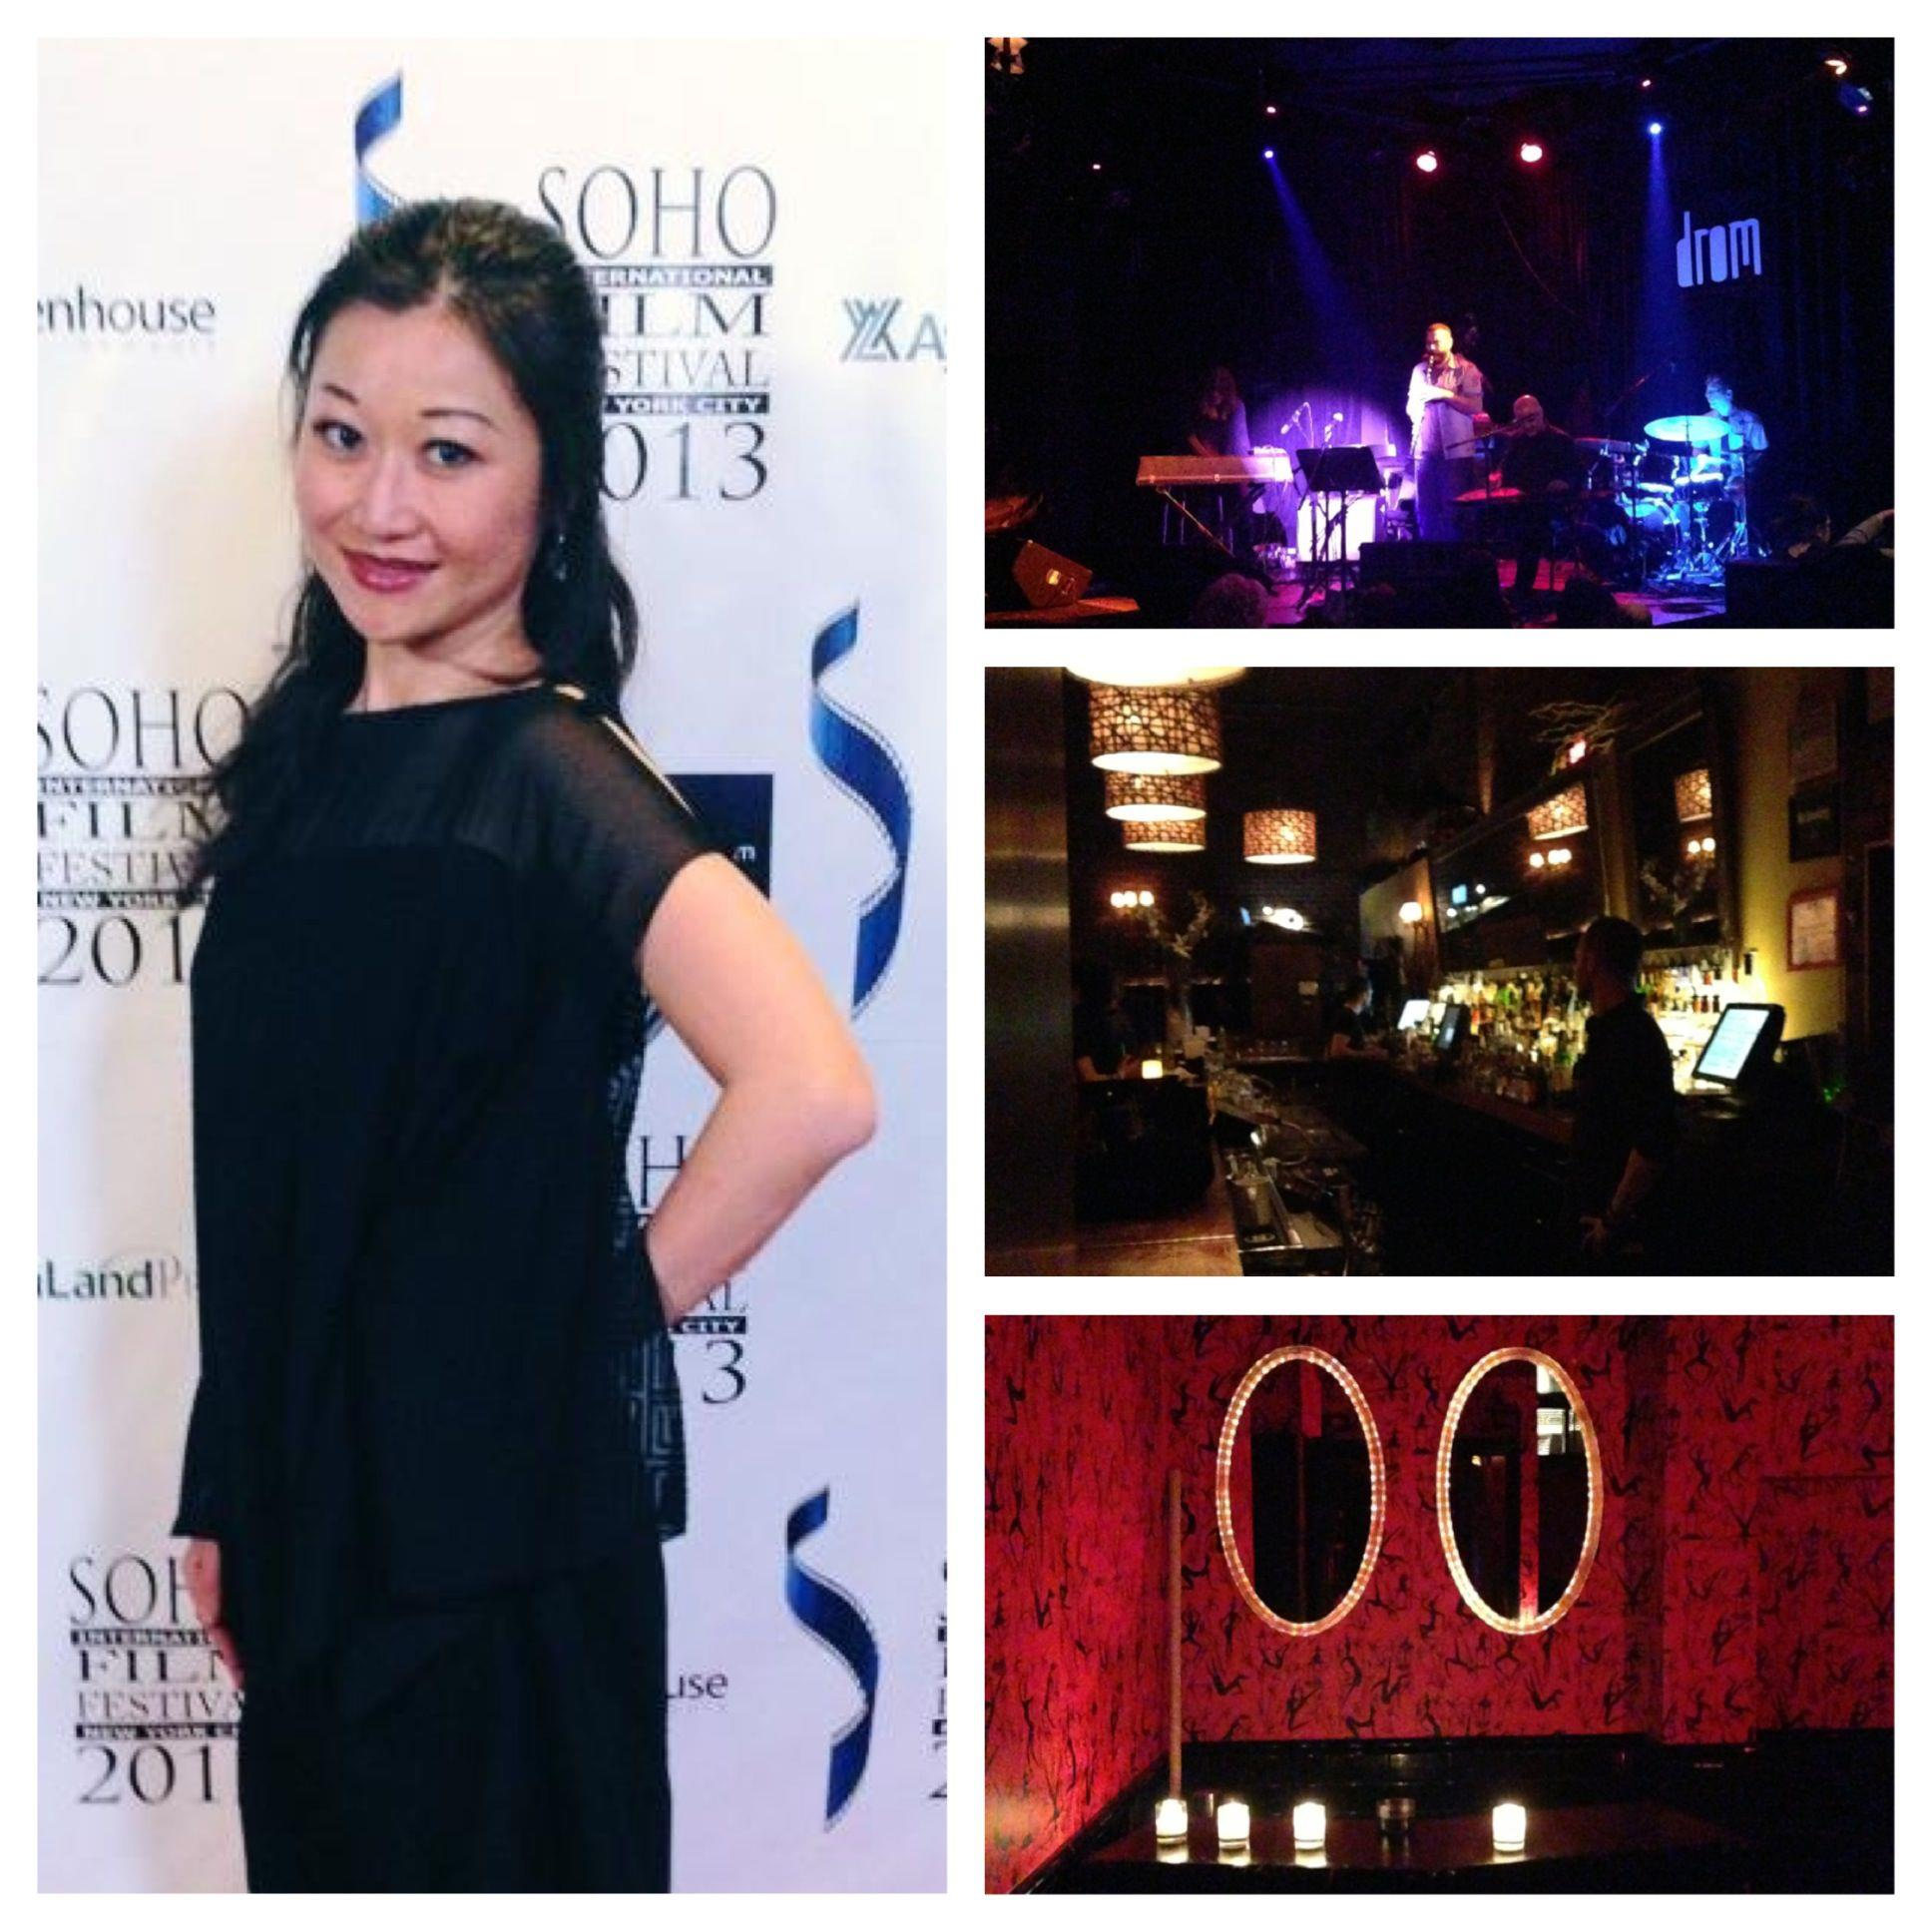 梵婗於紐約蘇荷國際電影節 2013開幕、慶功酒會、土耳其樂隊開闊音樂會。